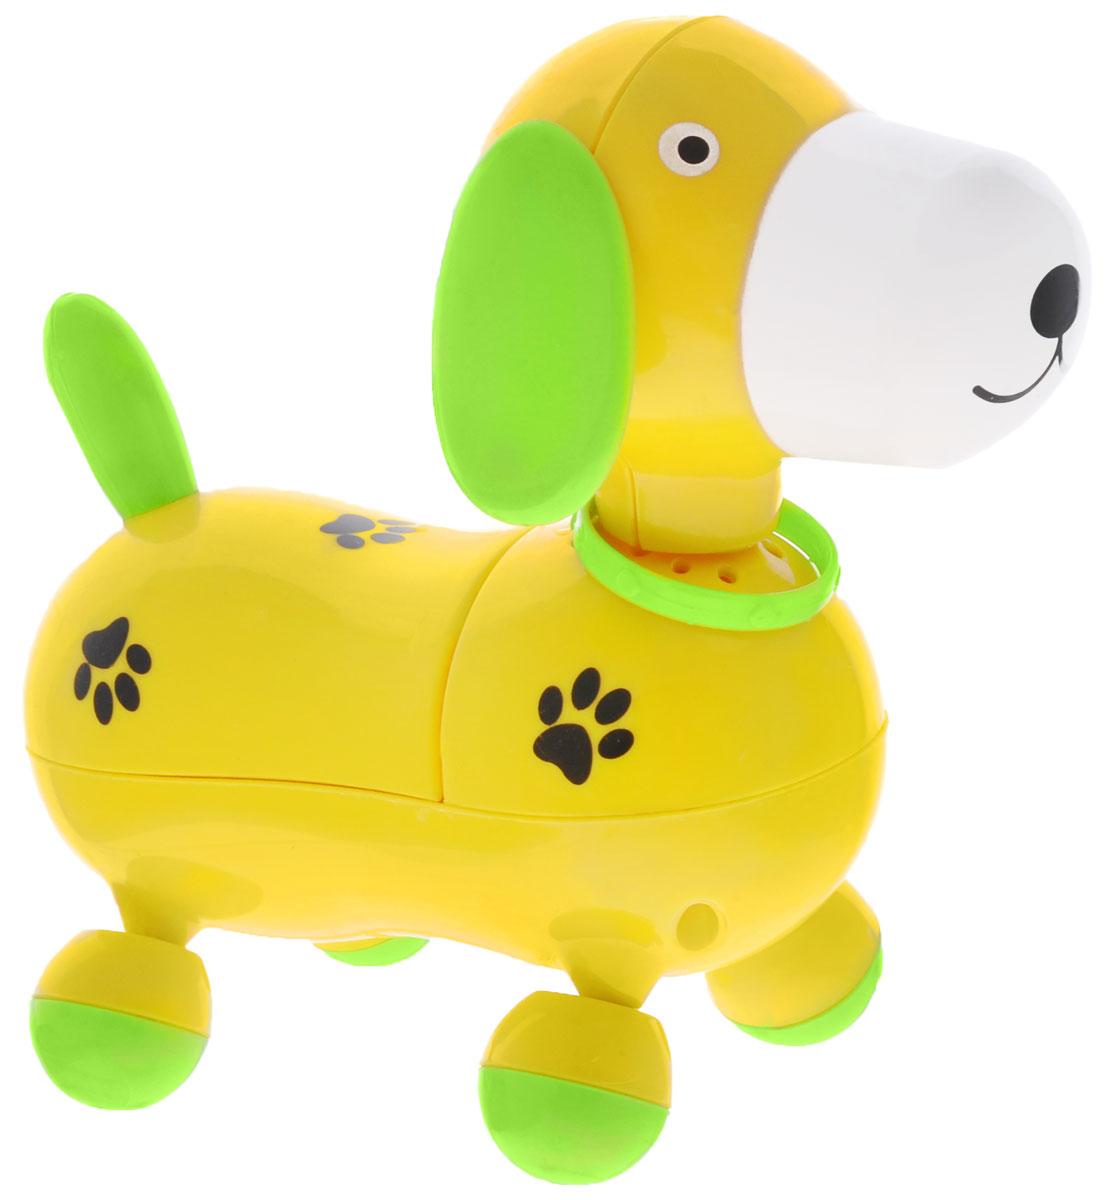 Mommy Love Электронная развивающая игрушка Веселый щенок цвет желтый развивающая игрушка mommy love веселое путешествие в ассортименте page 2